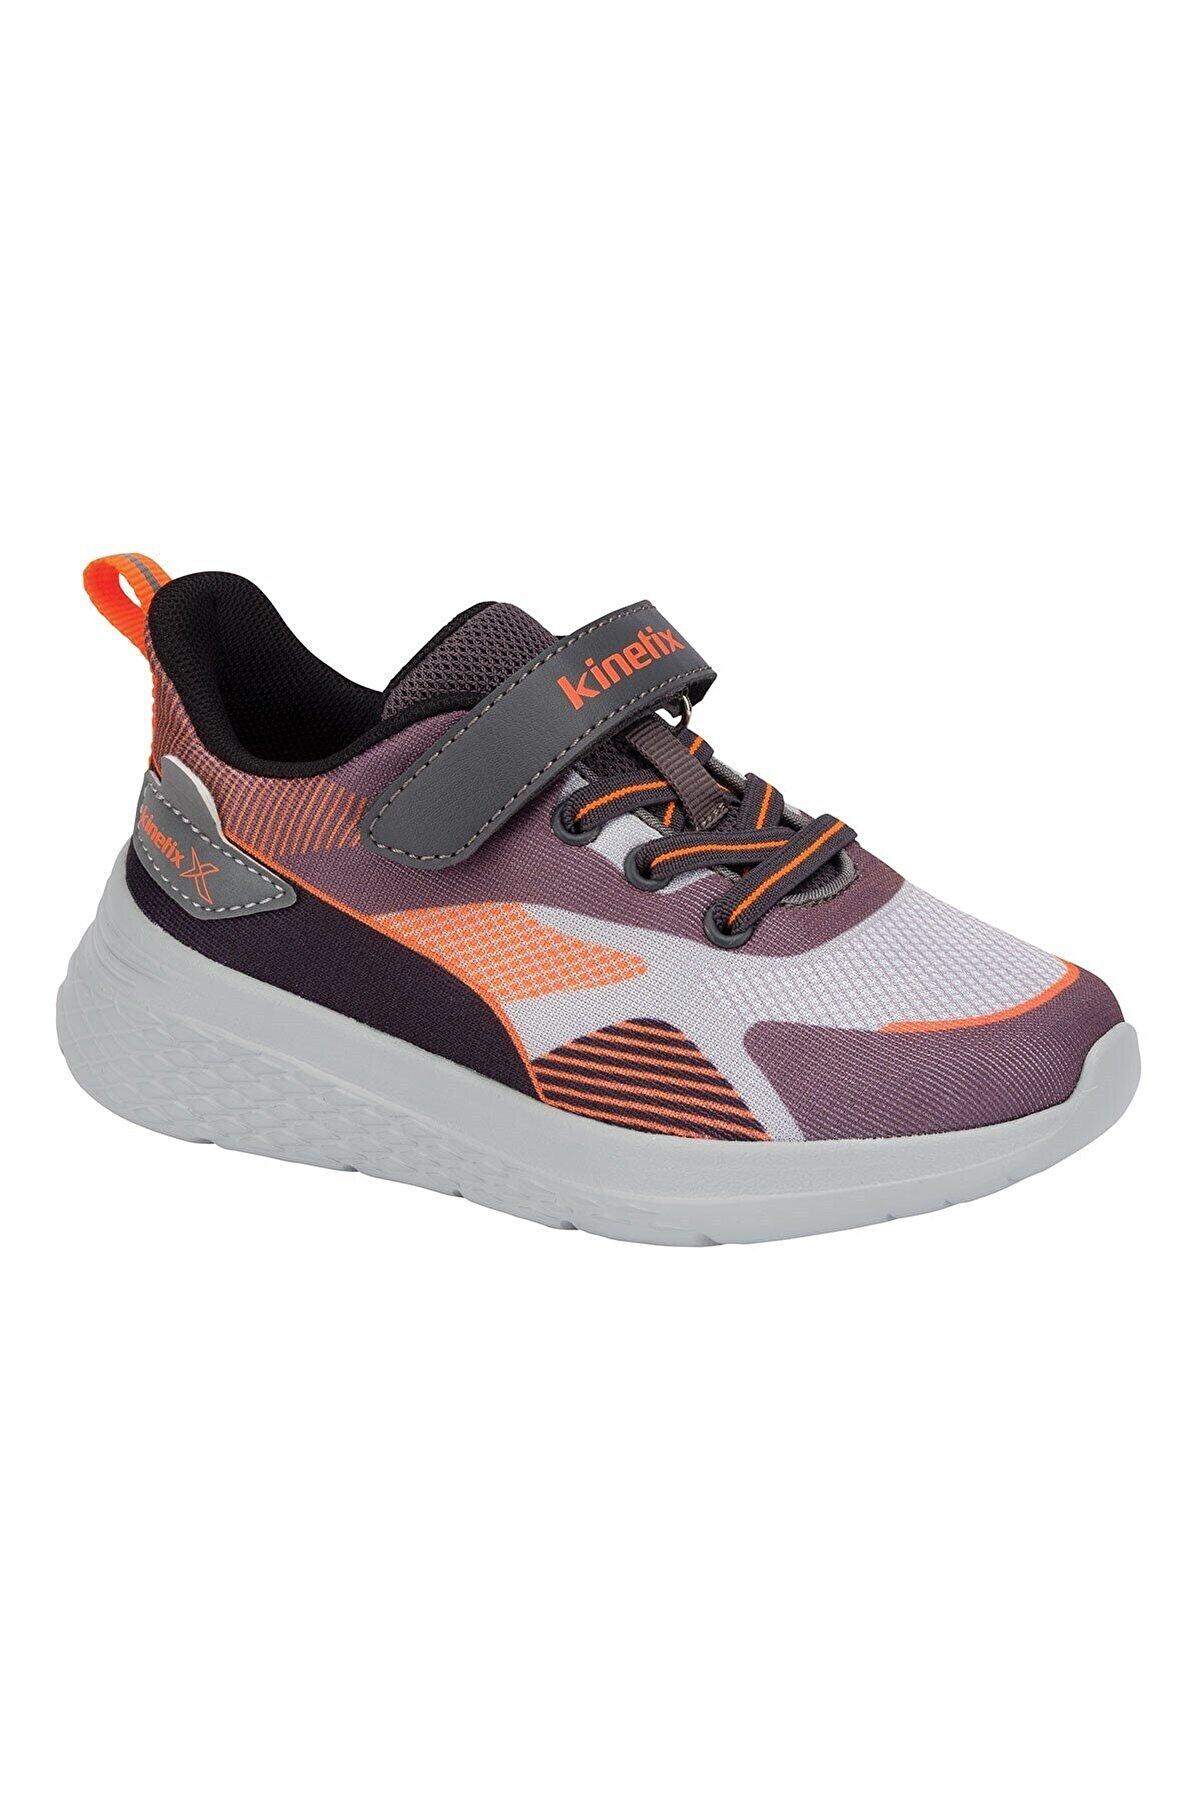 Kinetix PORTER 1FX Gri Erkek Çocuk Koşu Ayakkabısı 100585703